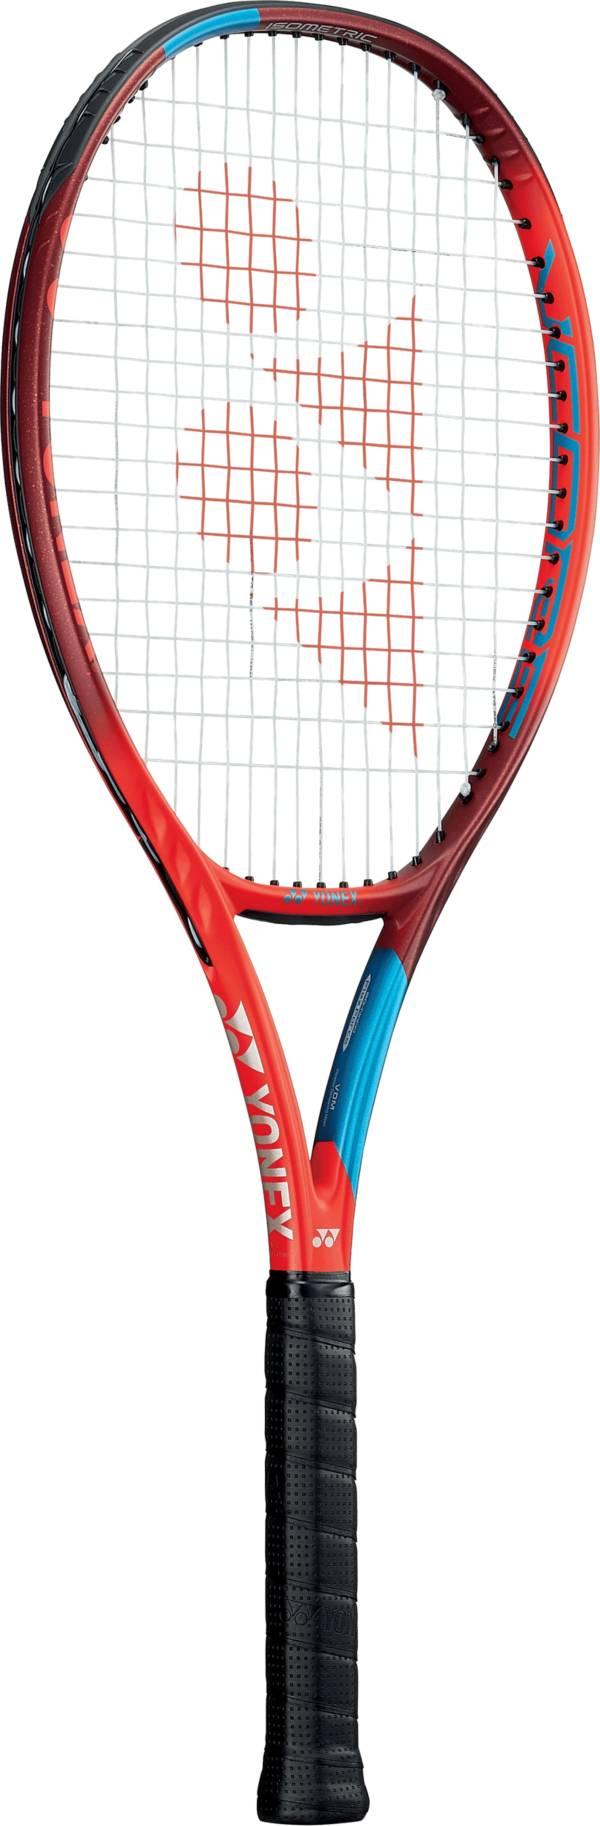 Yonex VCore 100 Tennis Racquet product image